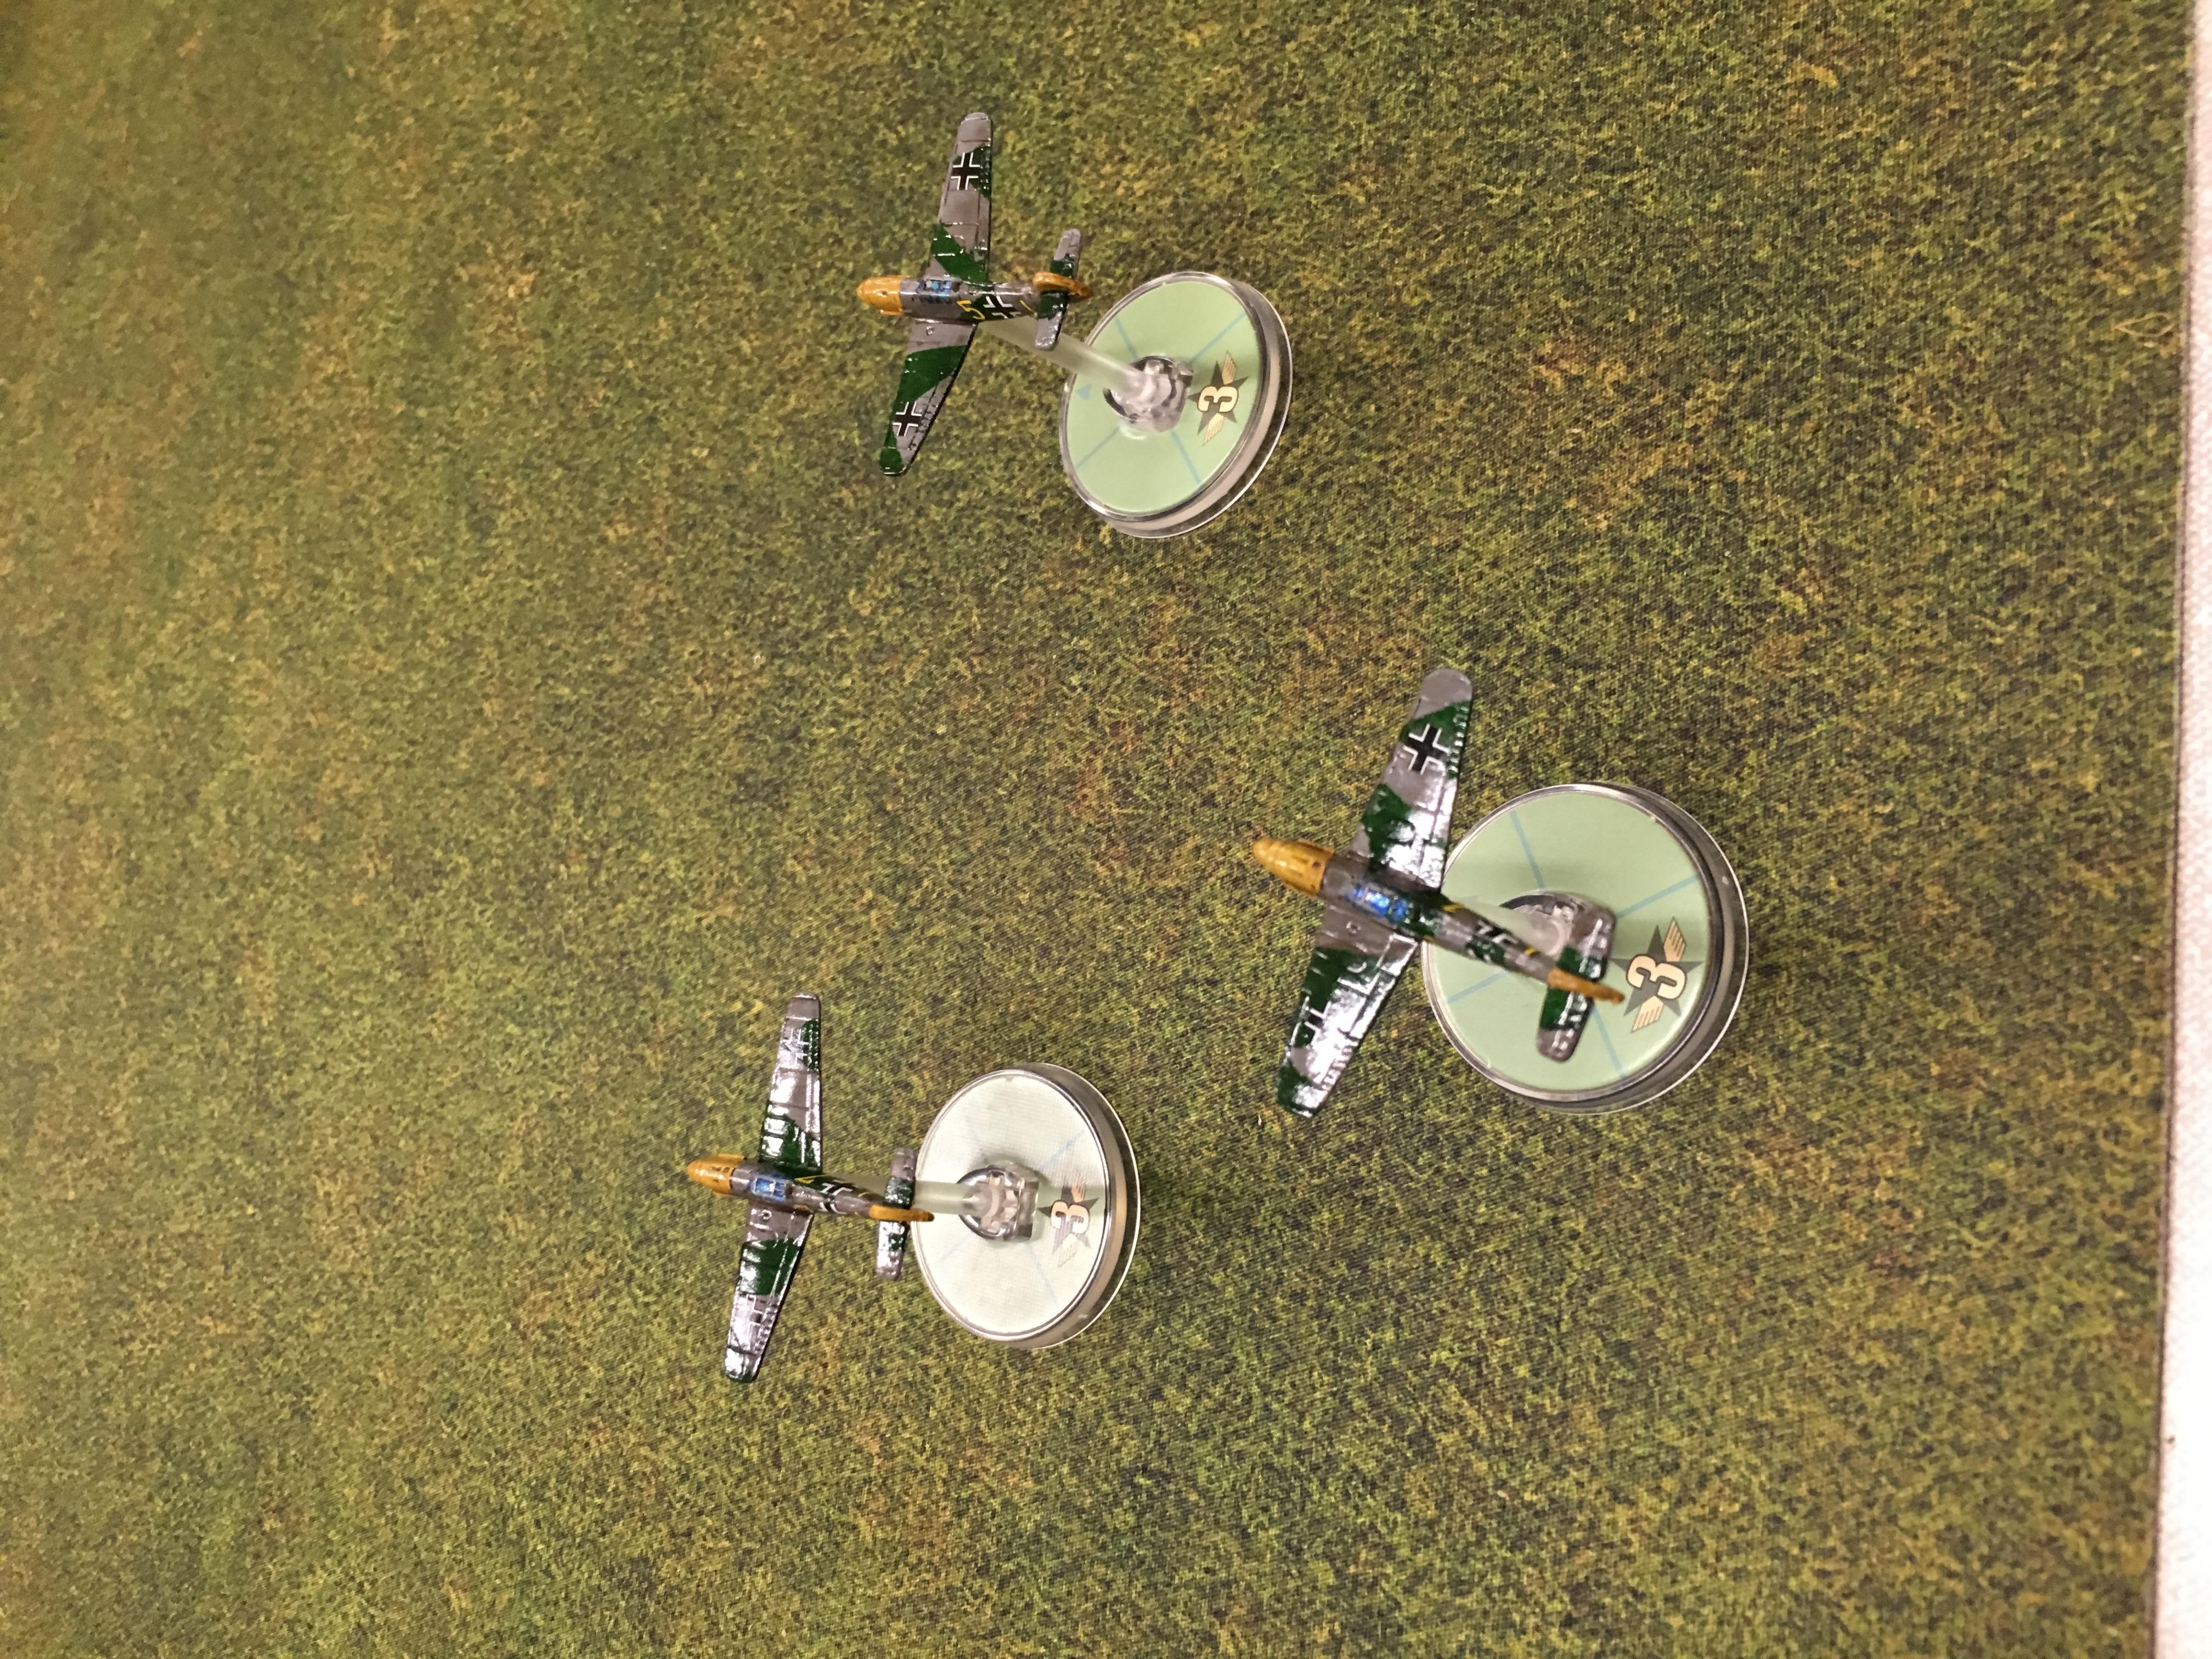 German grenadier's versus FFI in an aerial engagement